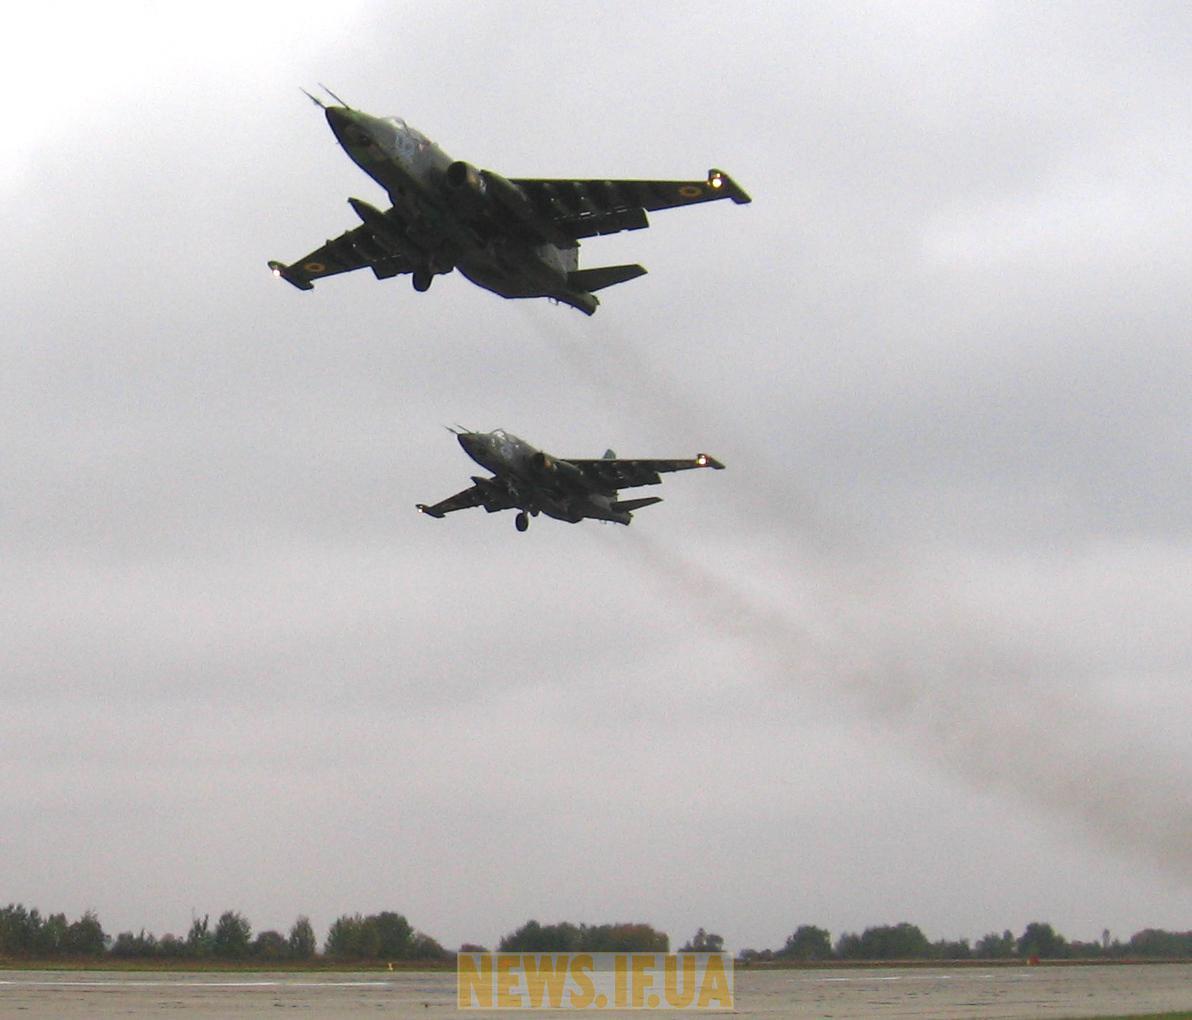 http://news.if.ua/images/news/09/12/02/big_politu_z_1.jpg